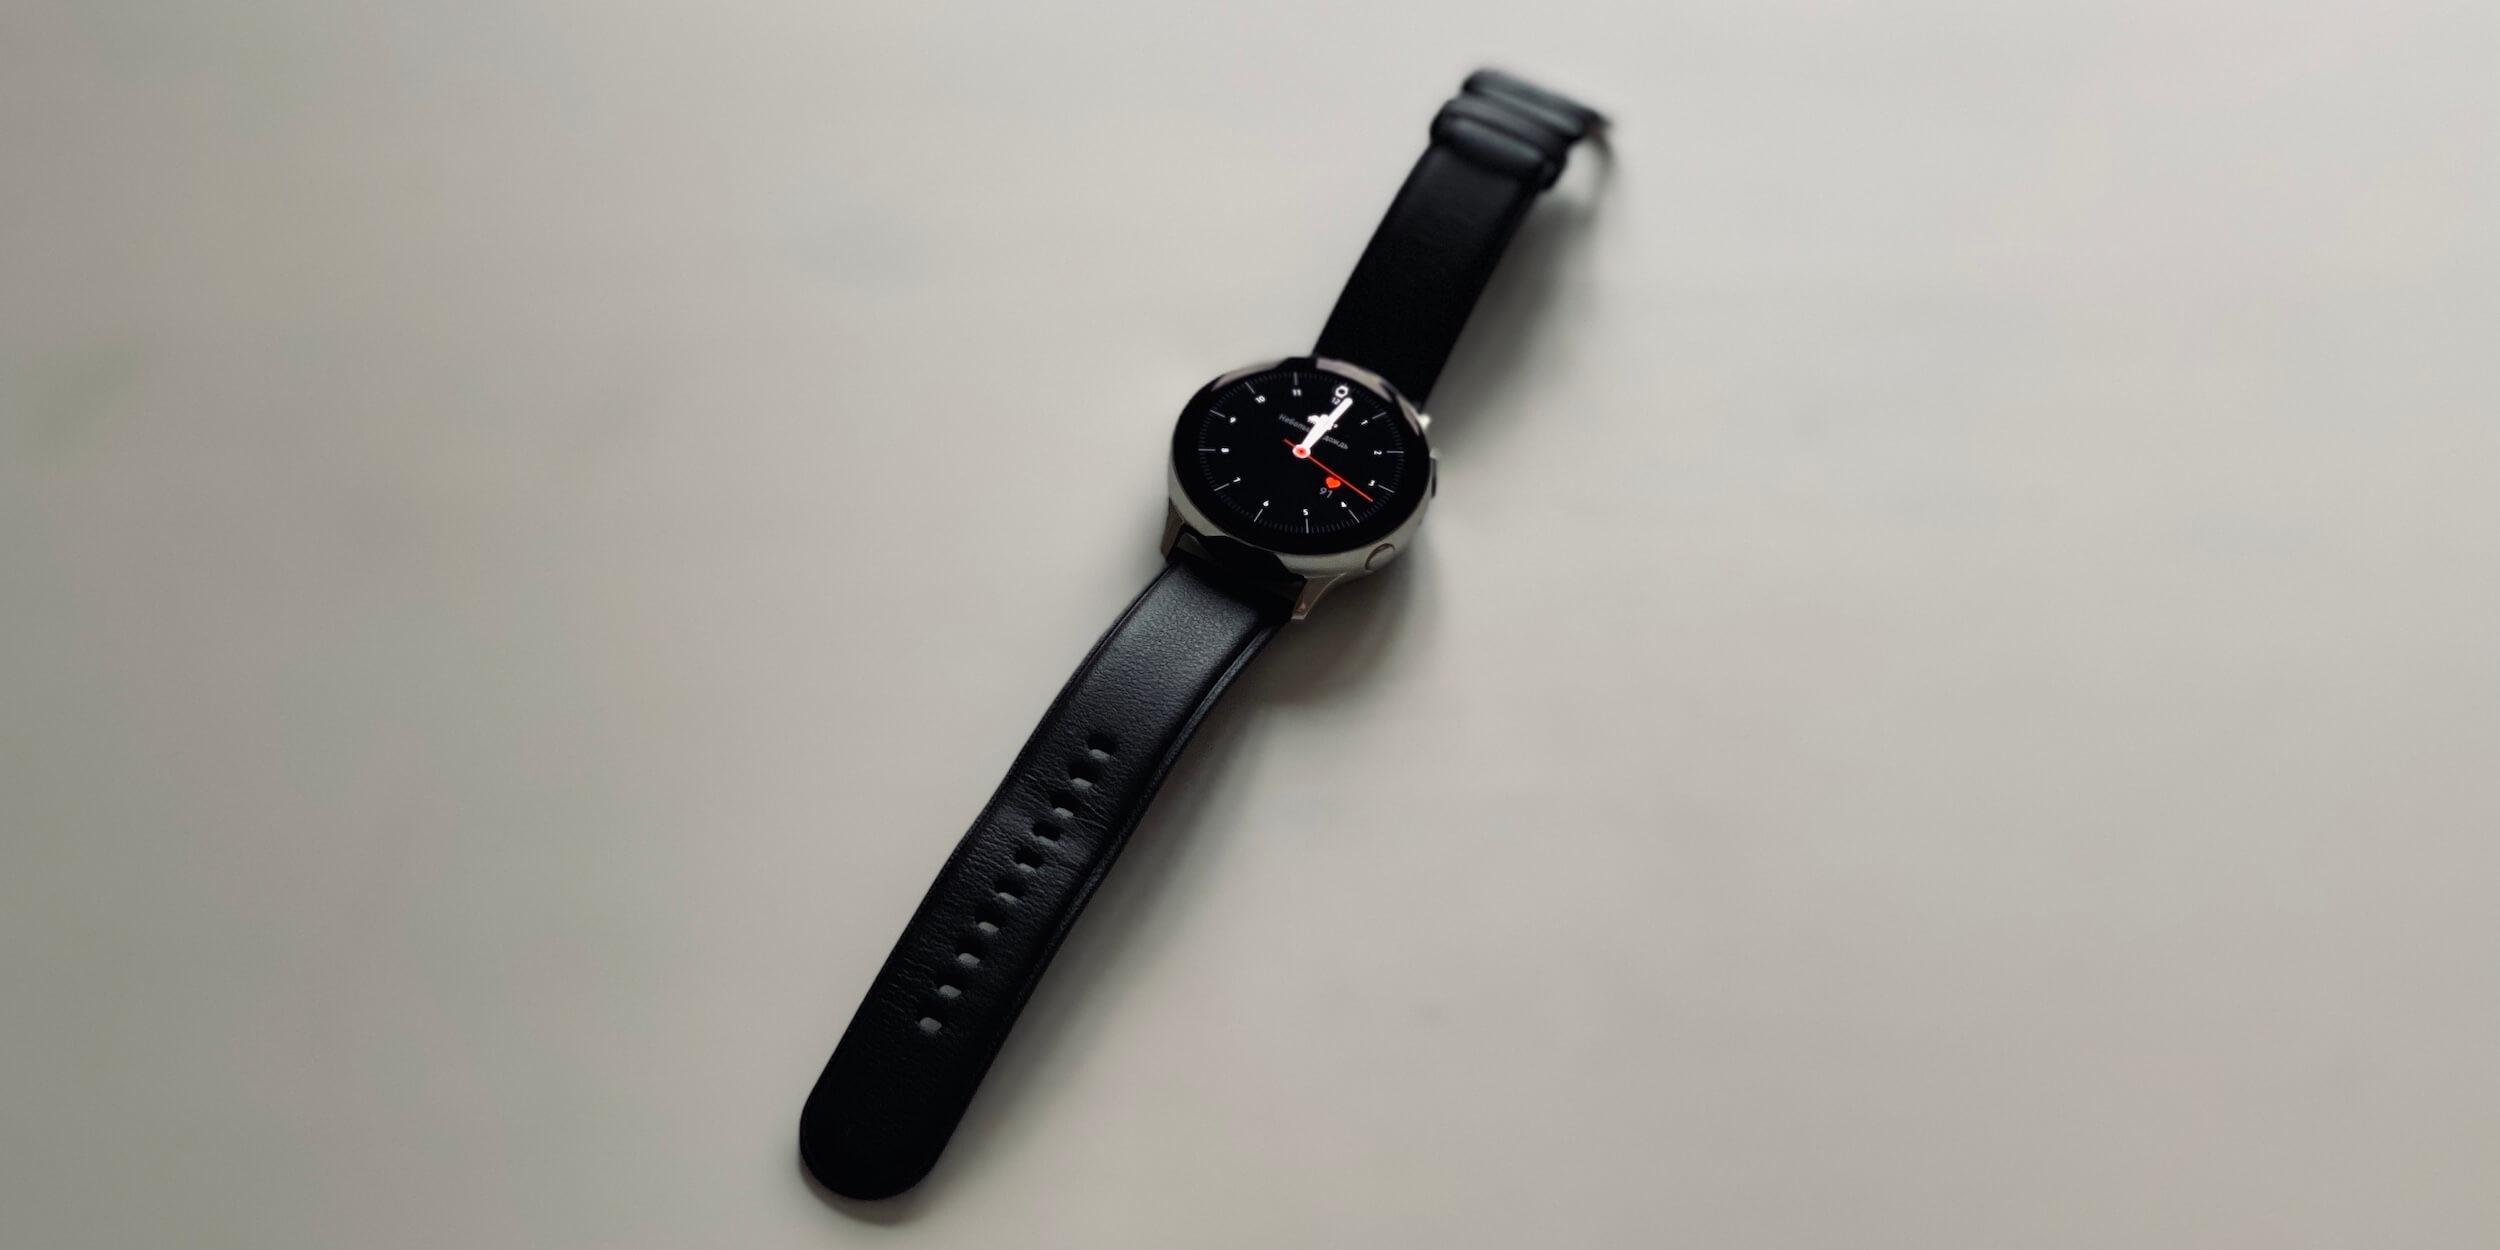 Samsung Galaxy Watch Active 2: общий вид